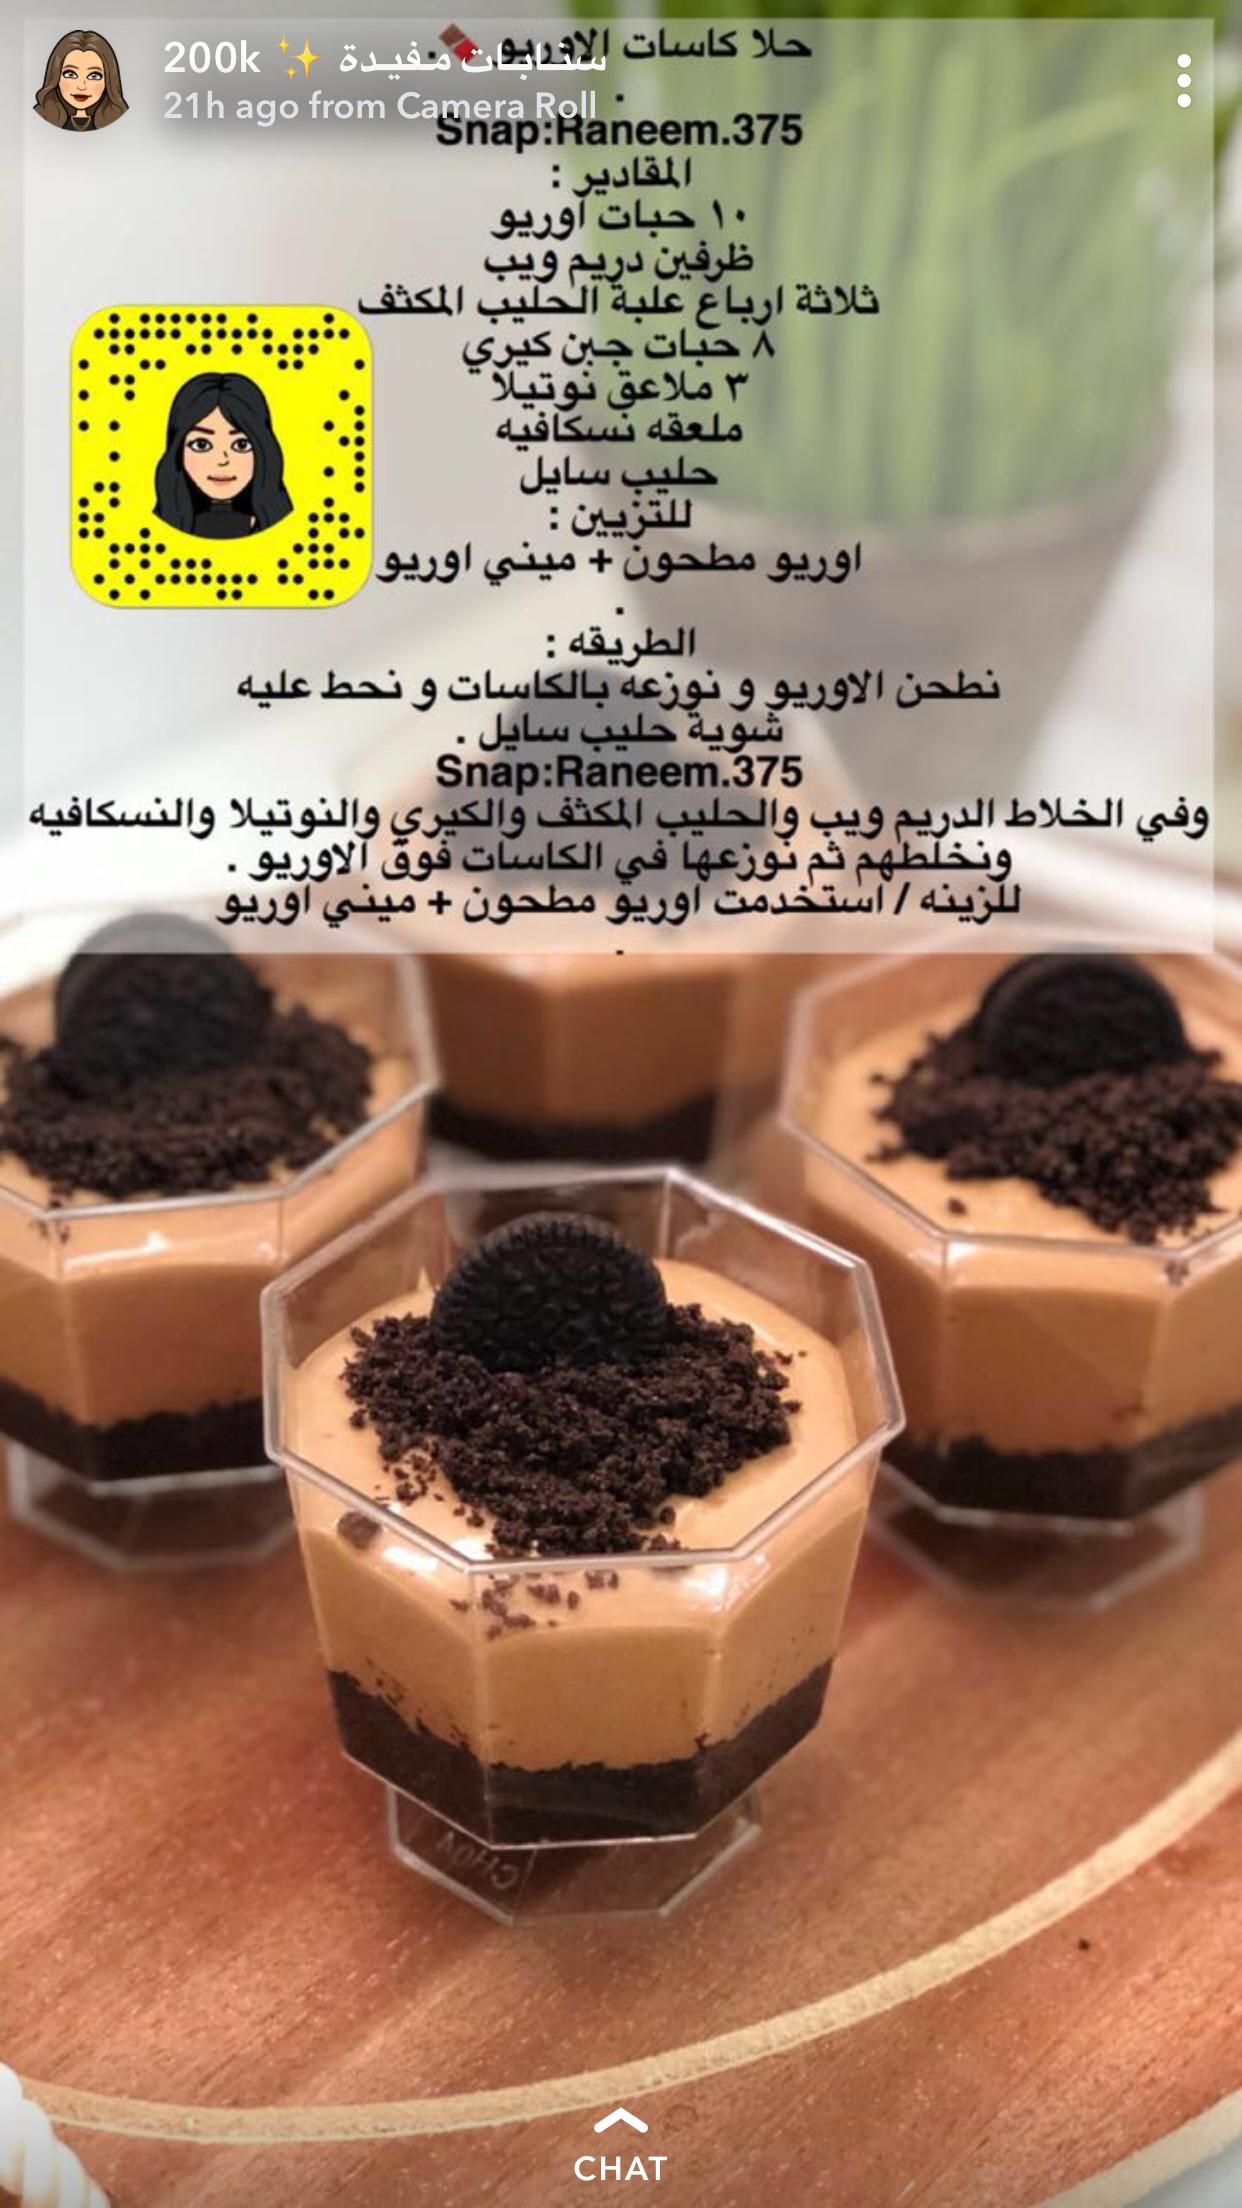 حلا كاسات Food Drinks Dessert Yummy Food Dessert Dessert Ingredients